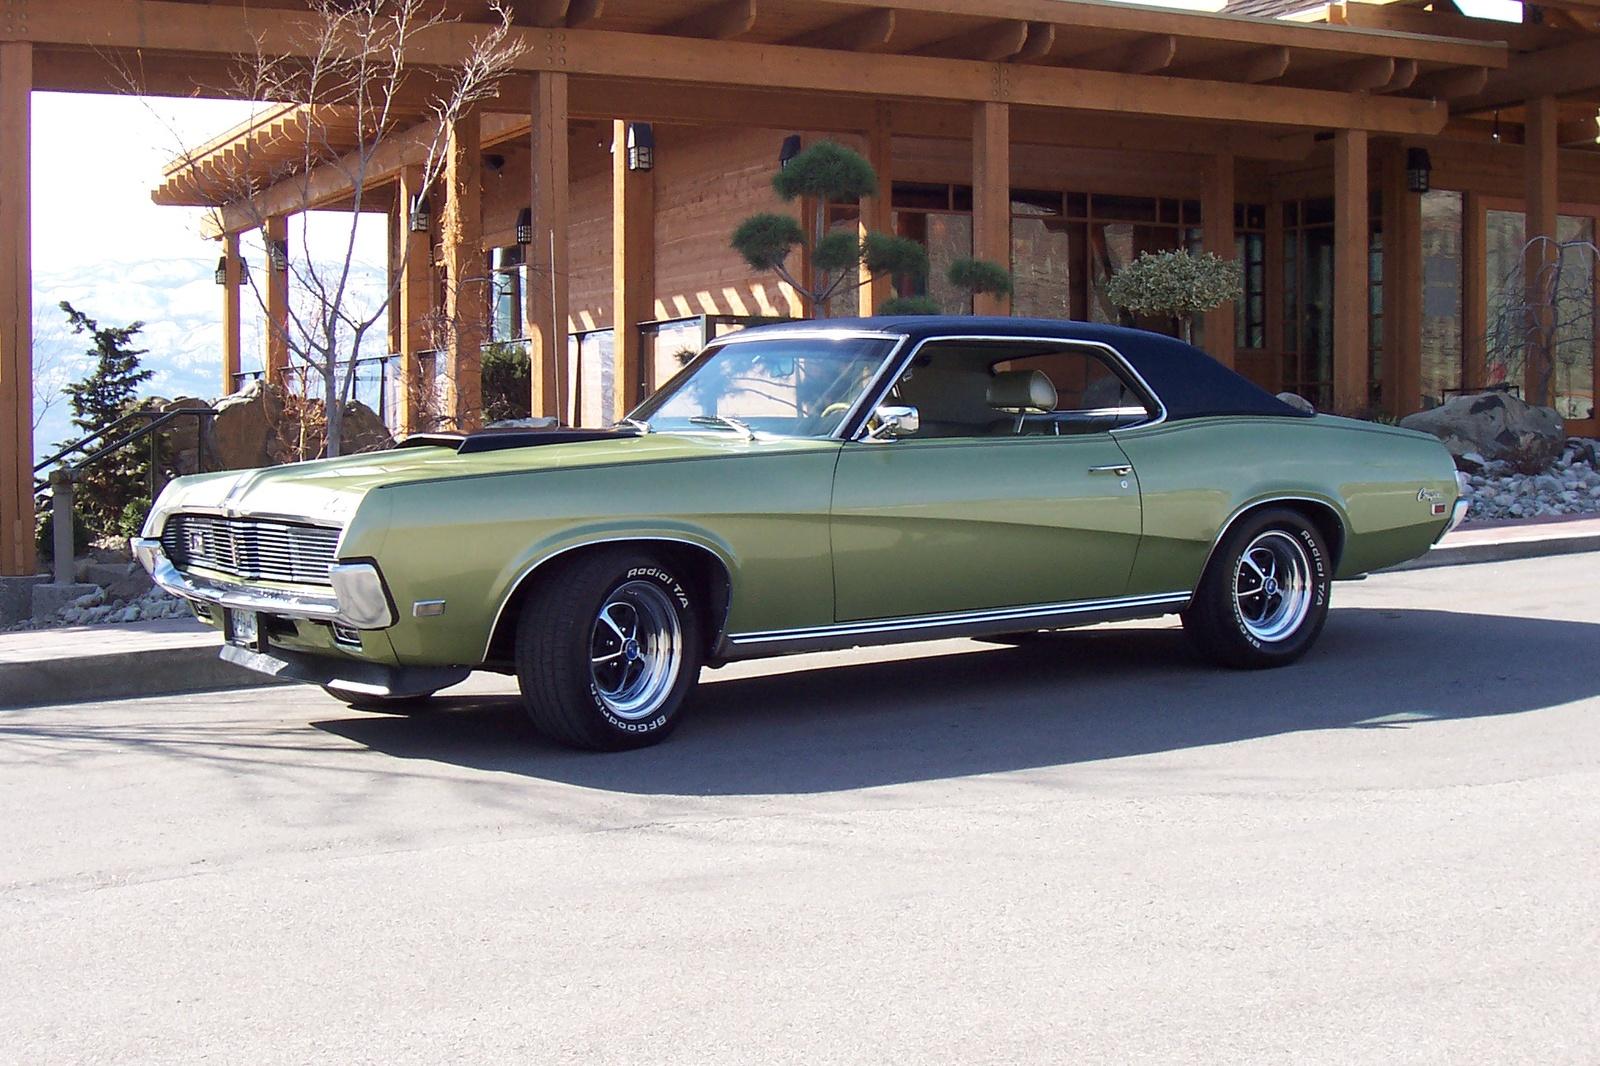 1969 Mercury Cougar, New Paint Job, exterior